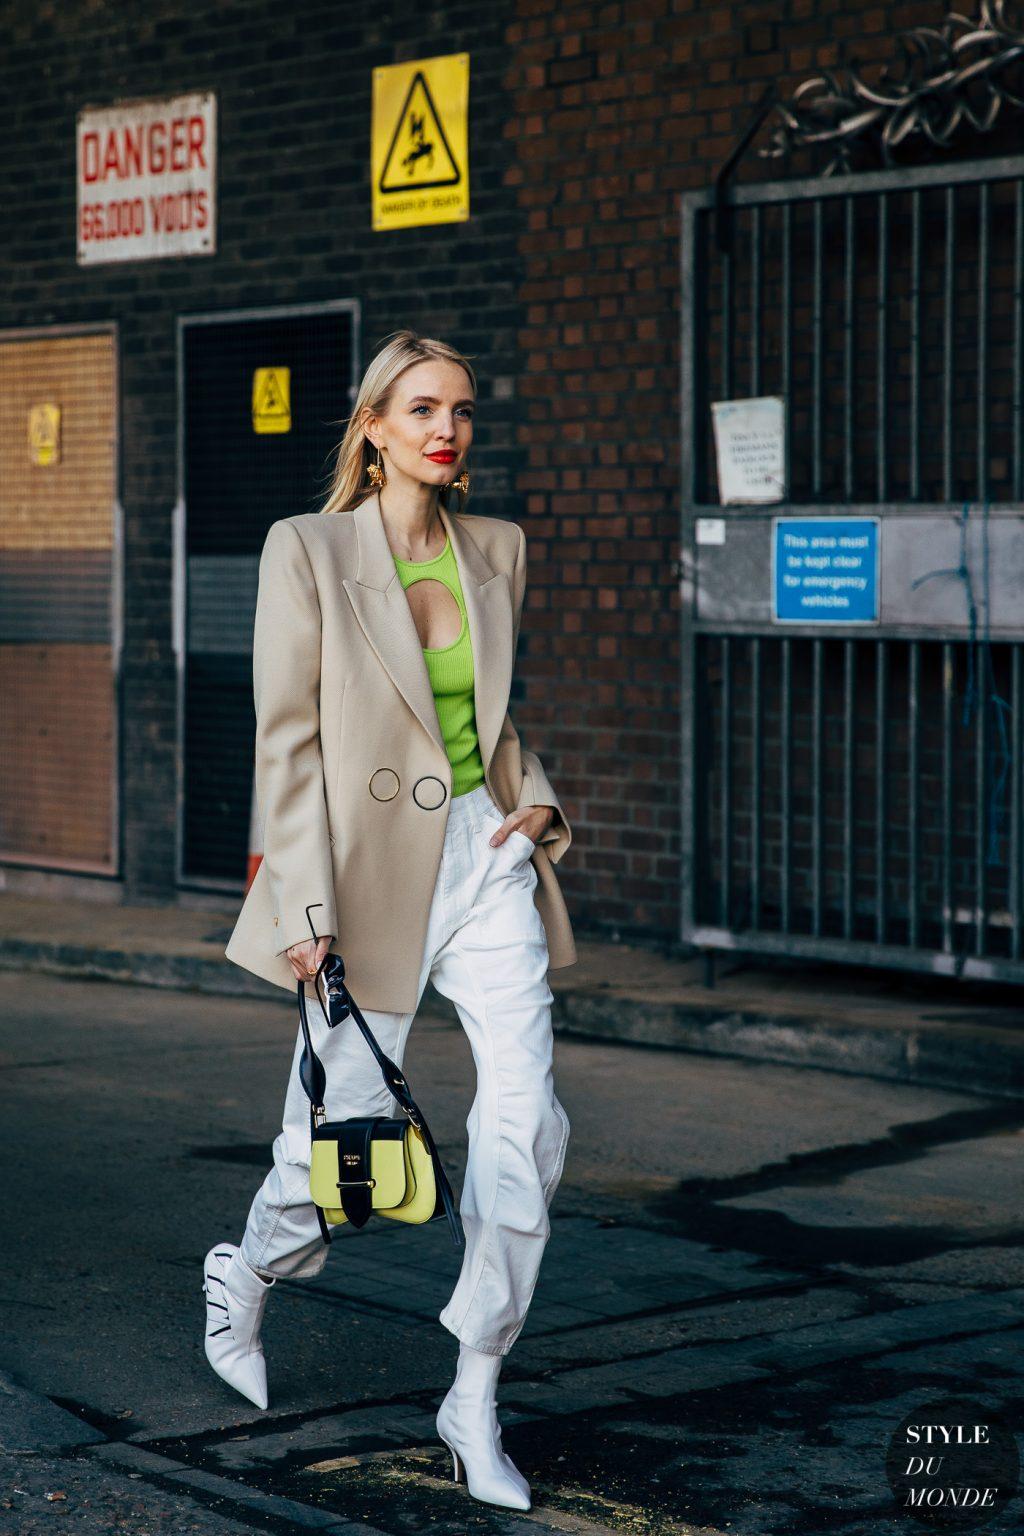 Leonie Hanne blazer cấu trúc màu beige áo xanh neon hoa tai vàng bốt tuần lễ thời trang